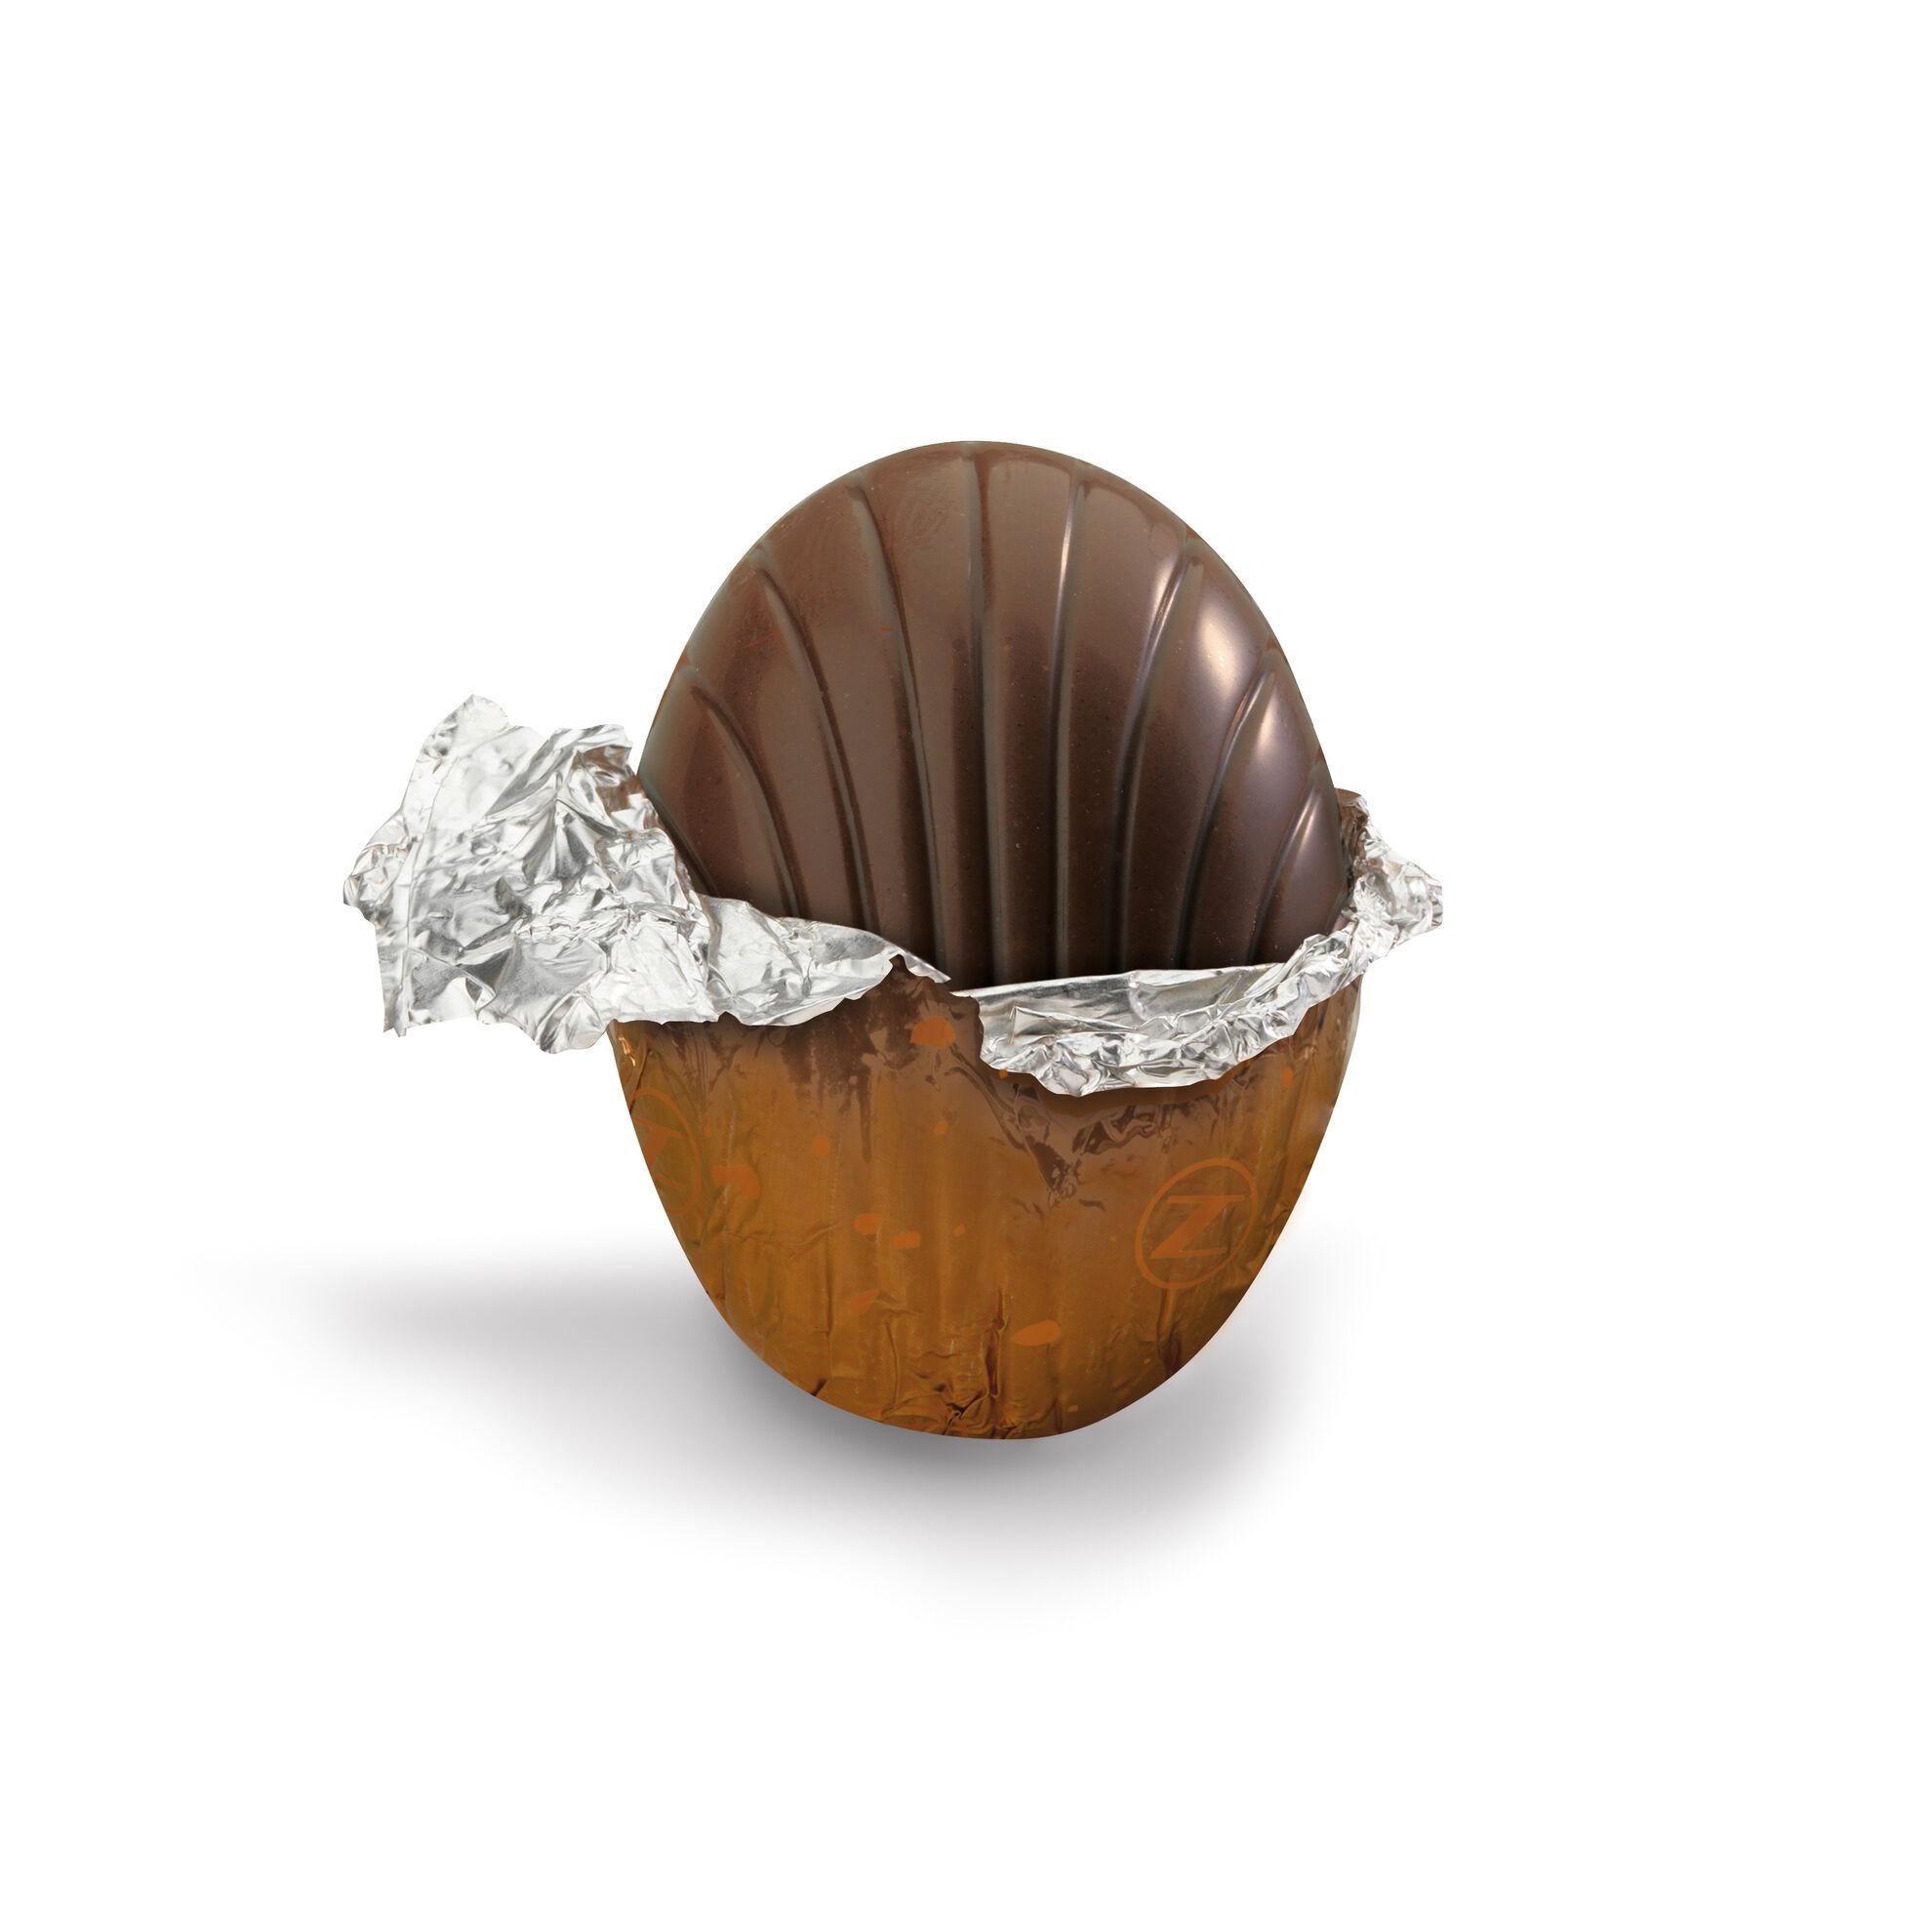 Egg dark brésilienne image number 01